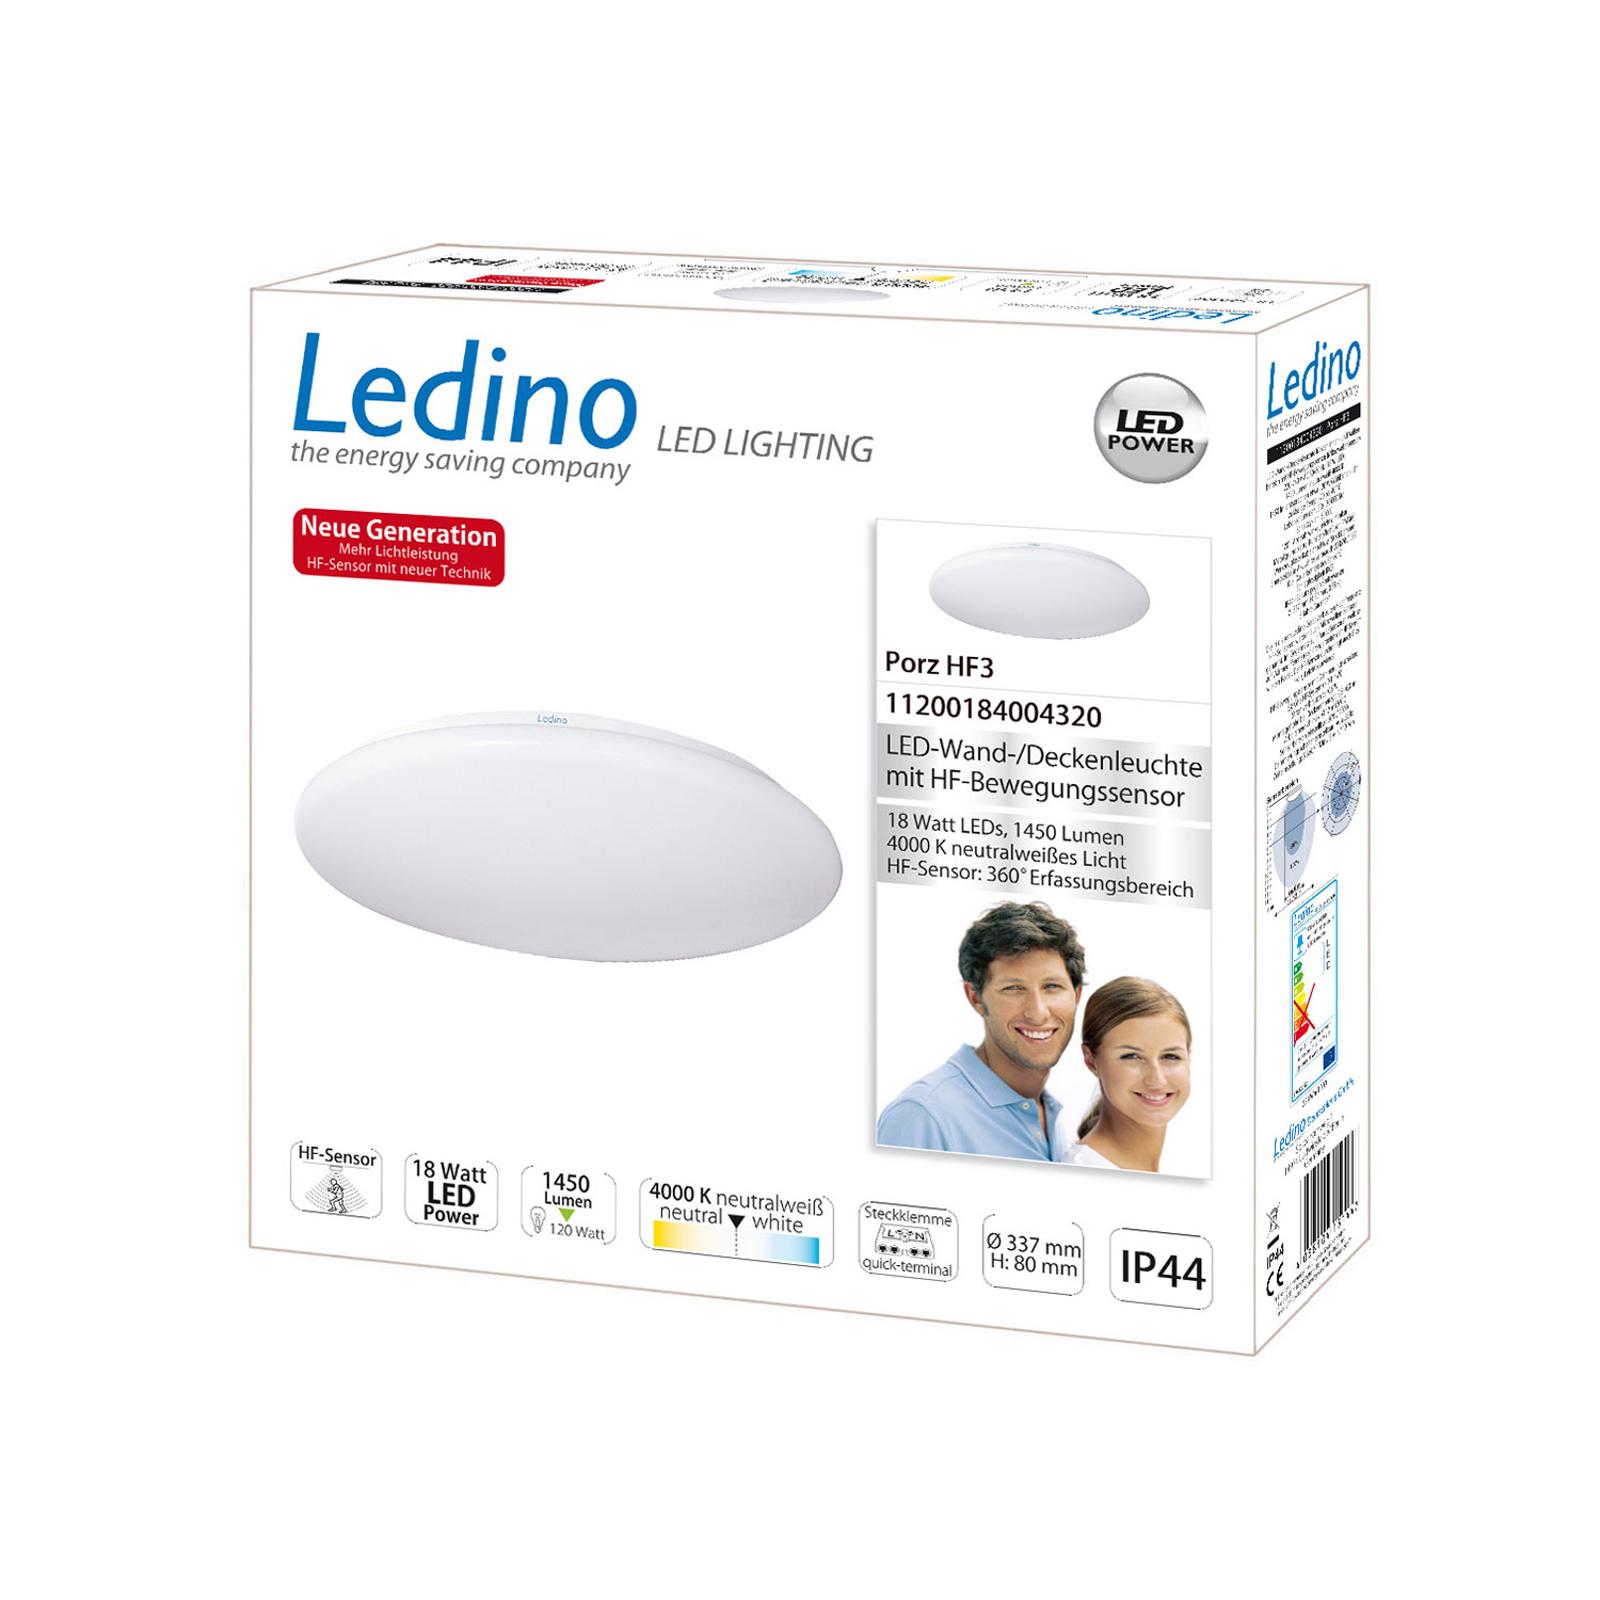 LED-Deckenleuchte Porz IP44 HF-Sensor, weiß